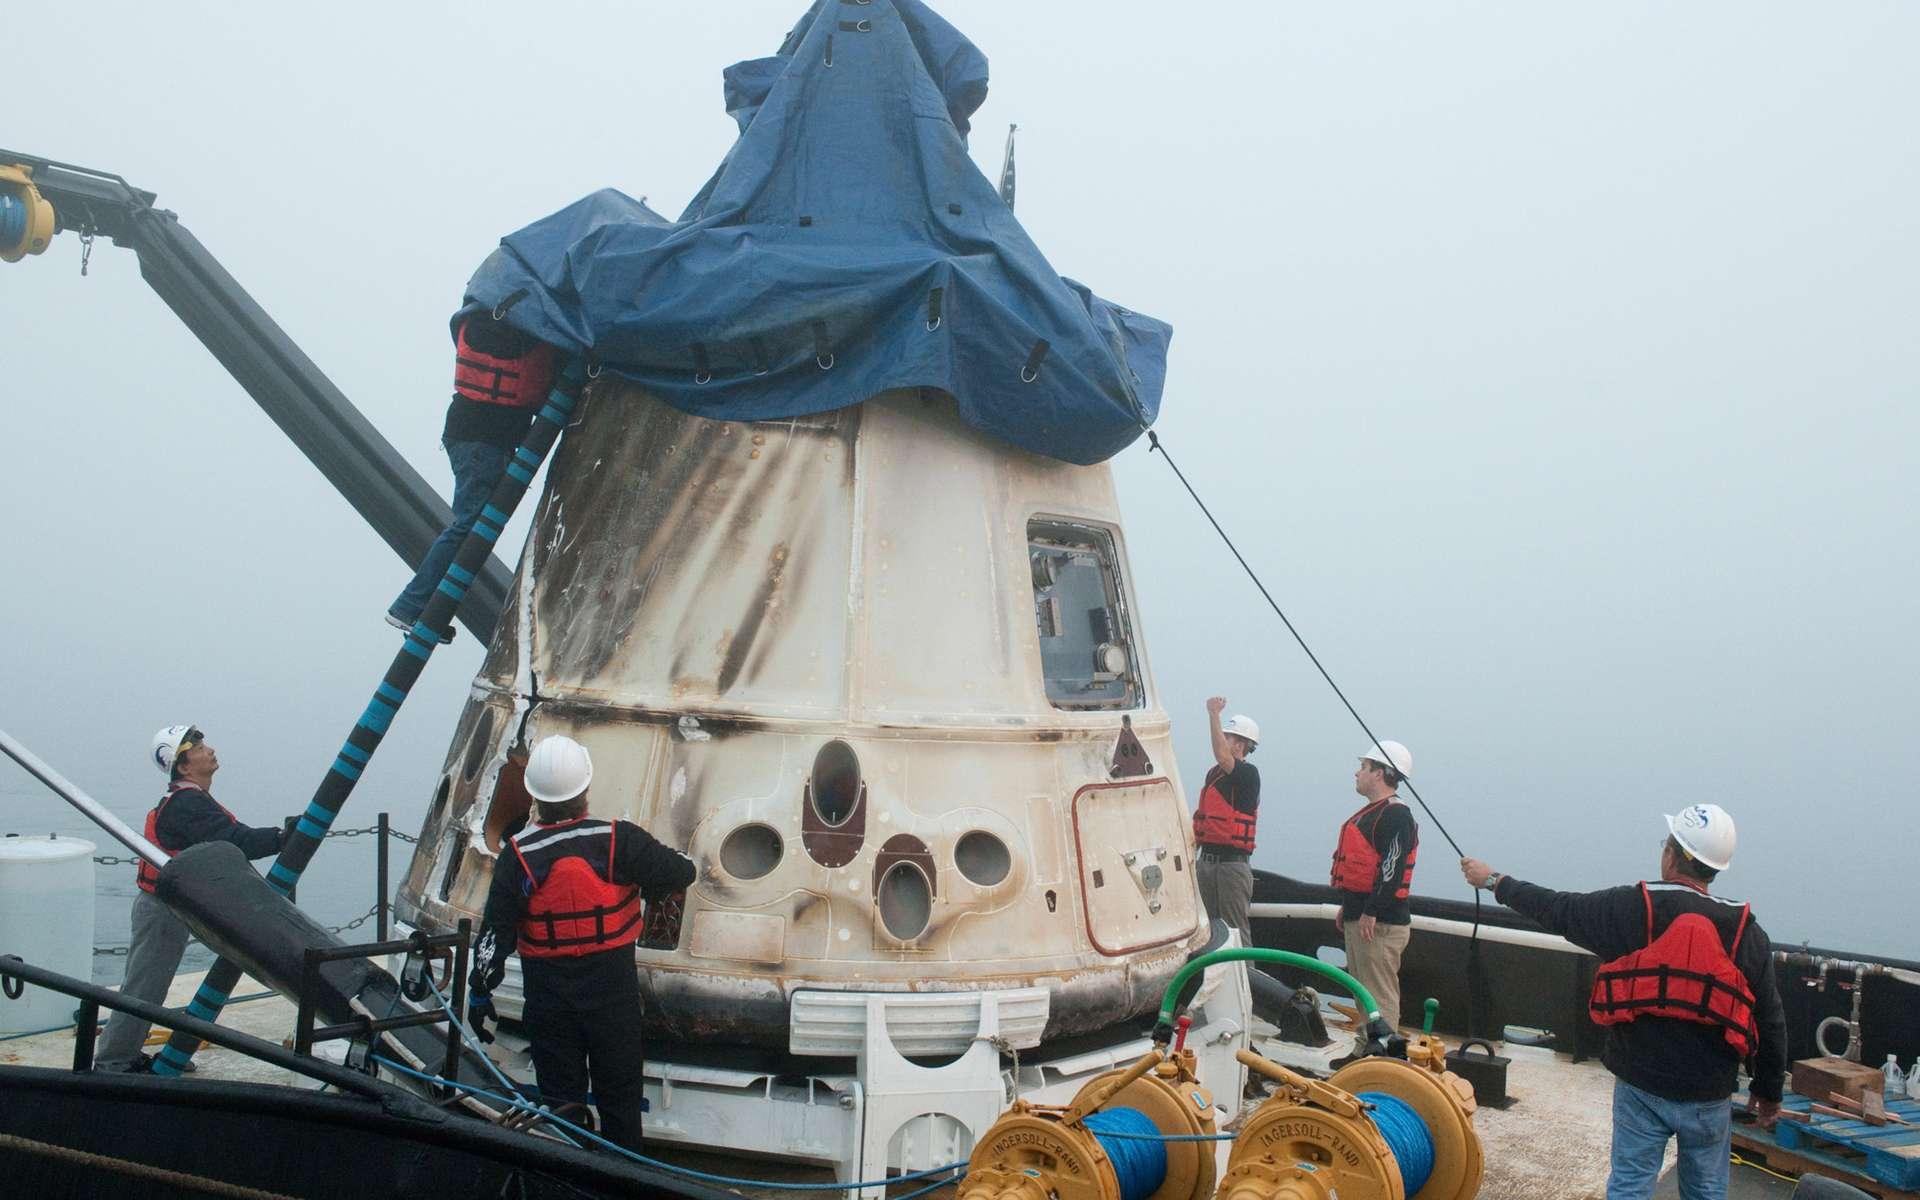 Malgré un incident au décollage, la première mission commerciale privée de l'histoire se solde par un succès. La capsule Dragon est retournée sur Terre en sécurité en amerrissant au large des côtes californiennes avant d'être récupérée par les équipes de la Nasa et de SpaceX. © Nasa